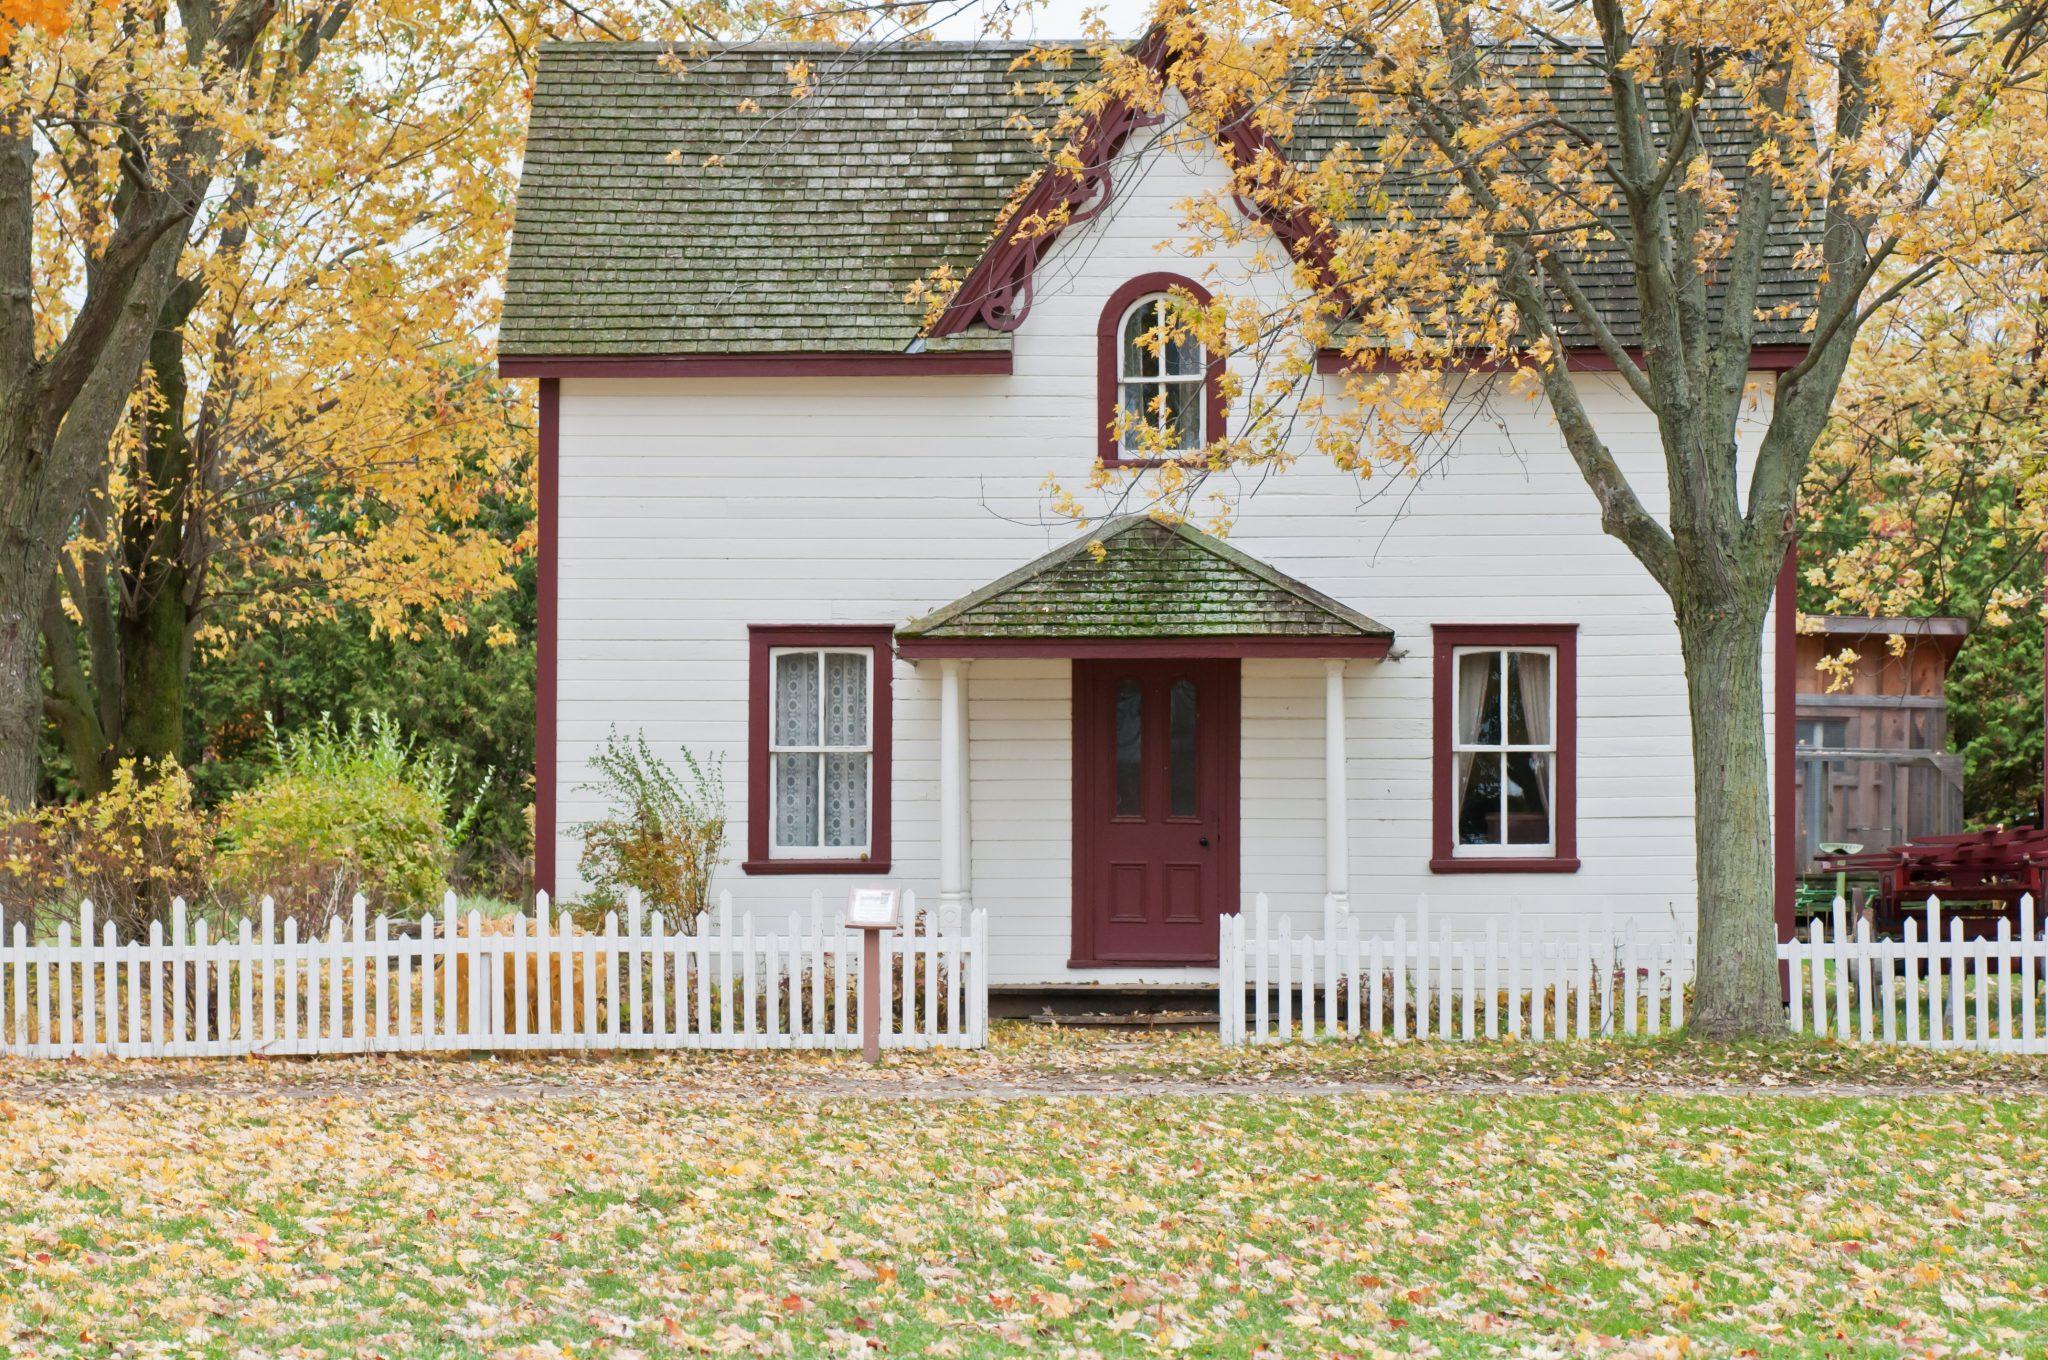 Rustic Home Autumn